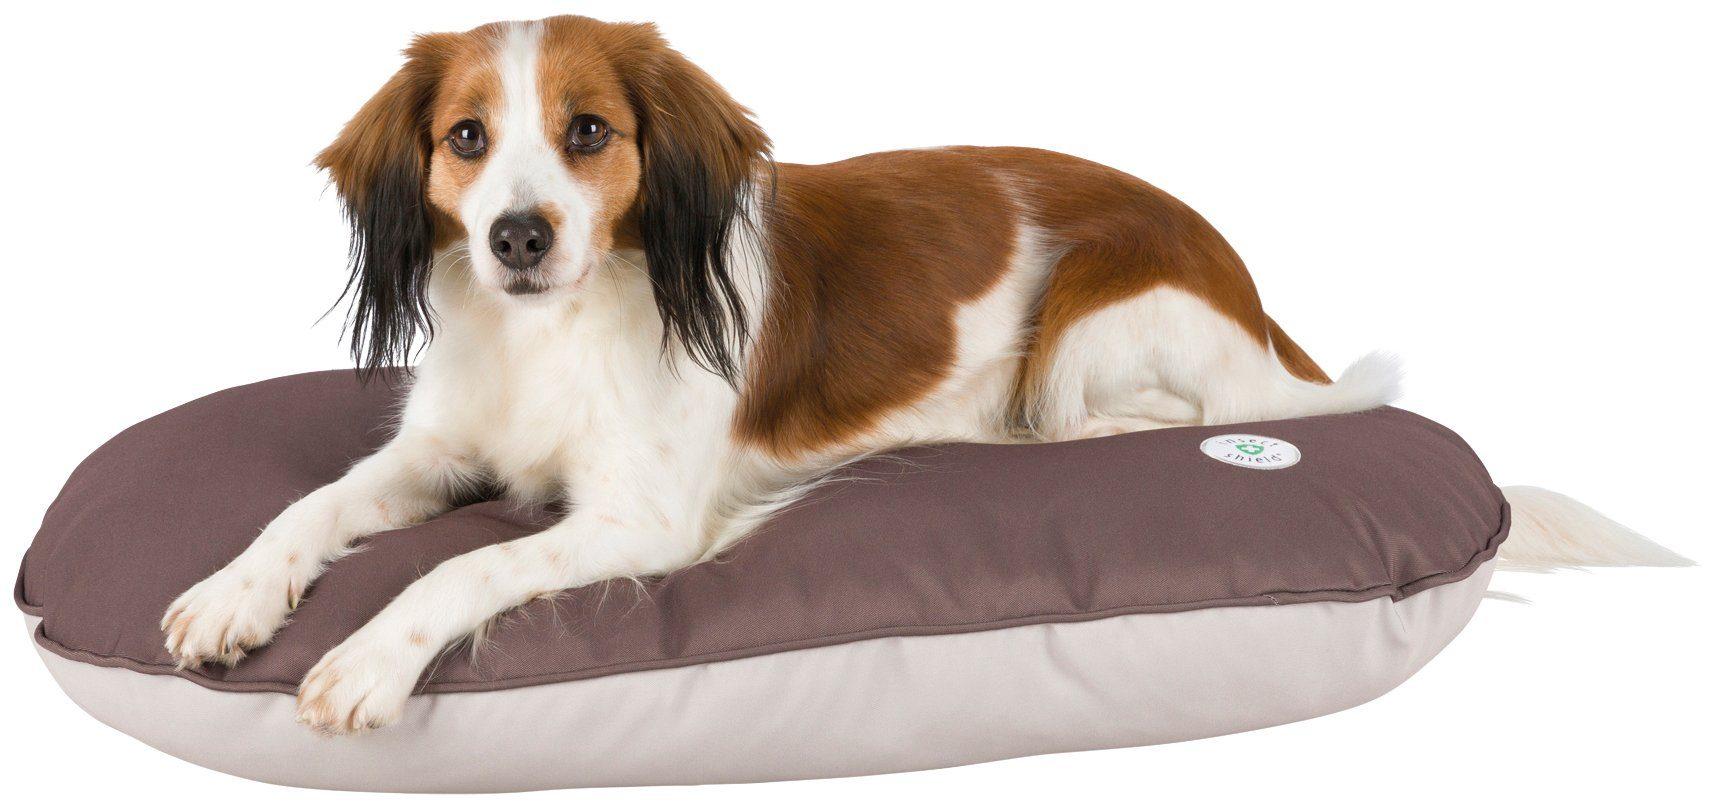 TRIXIE Hundekissen und Katzenkissen »Insect Shield«, BxT: 95x60 cm, beige/braun